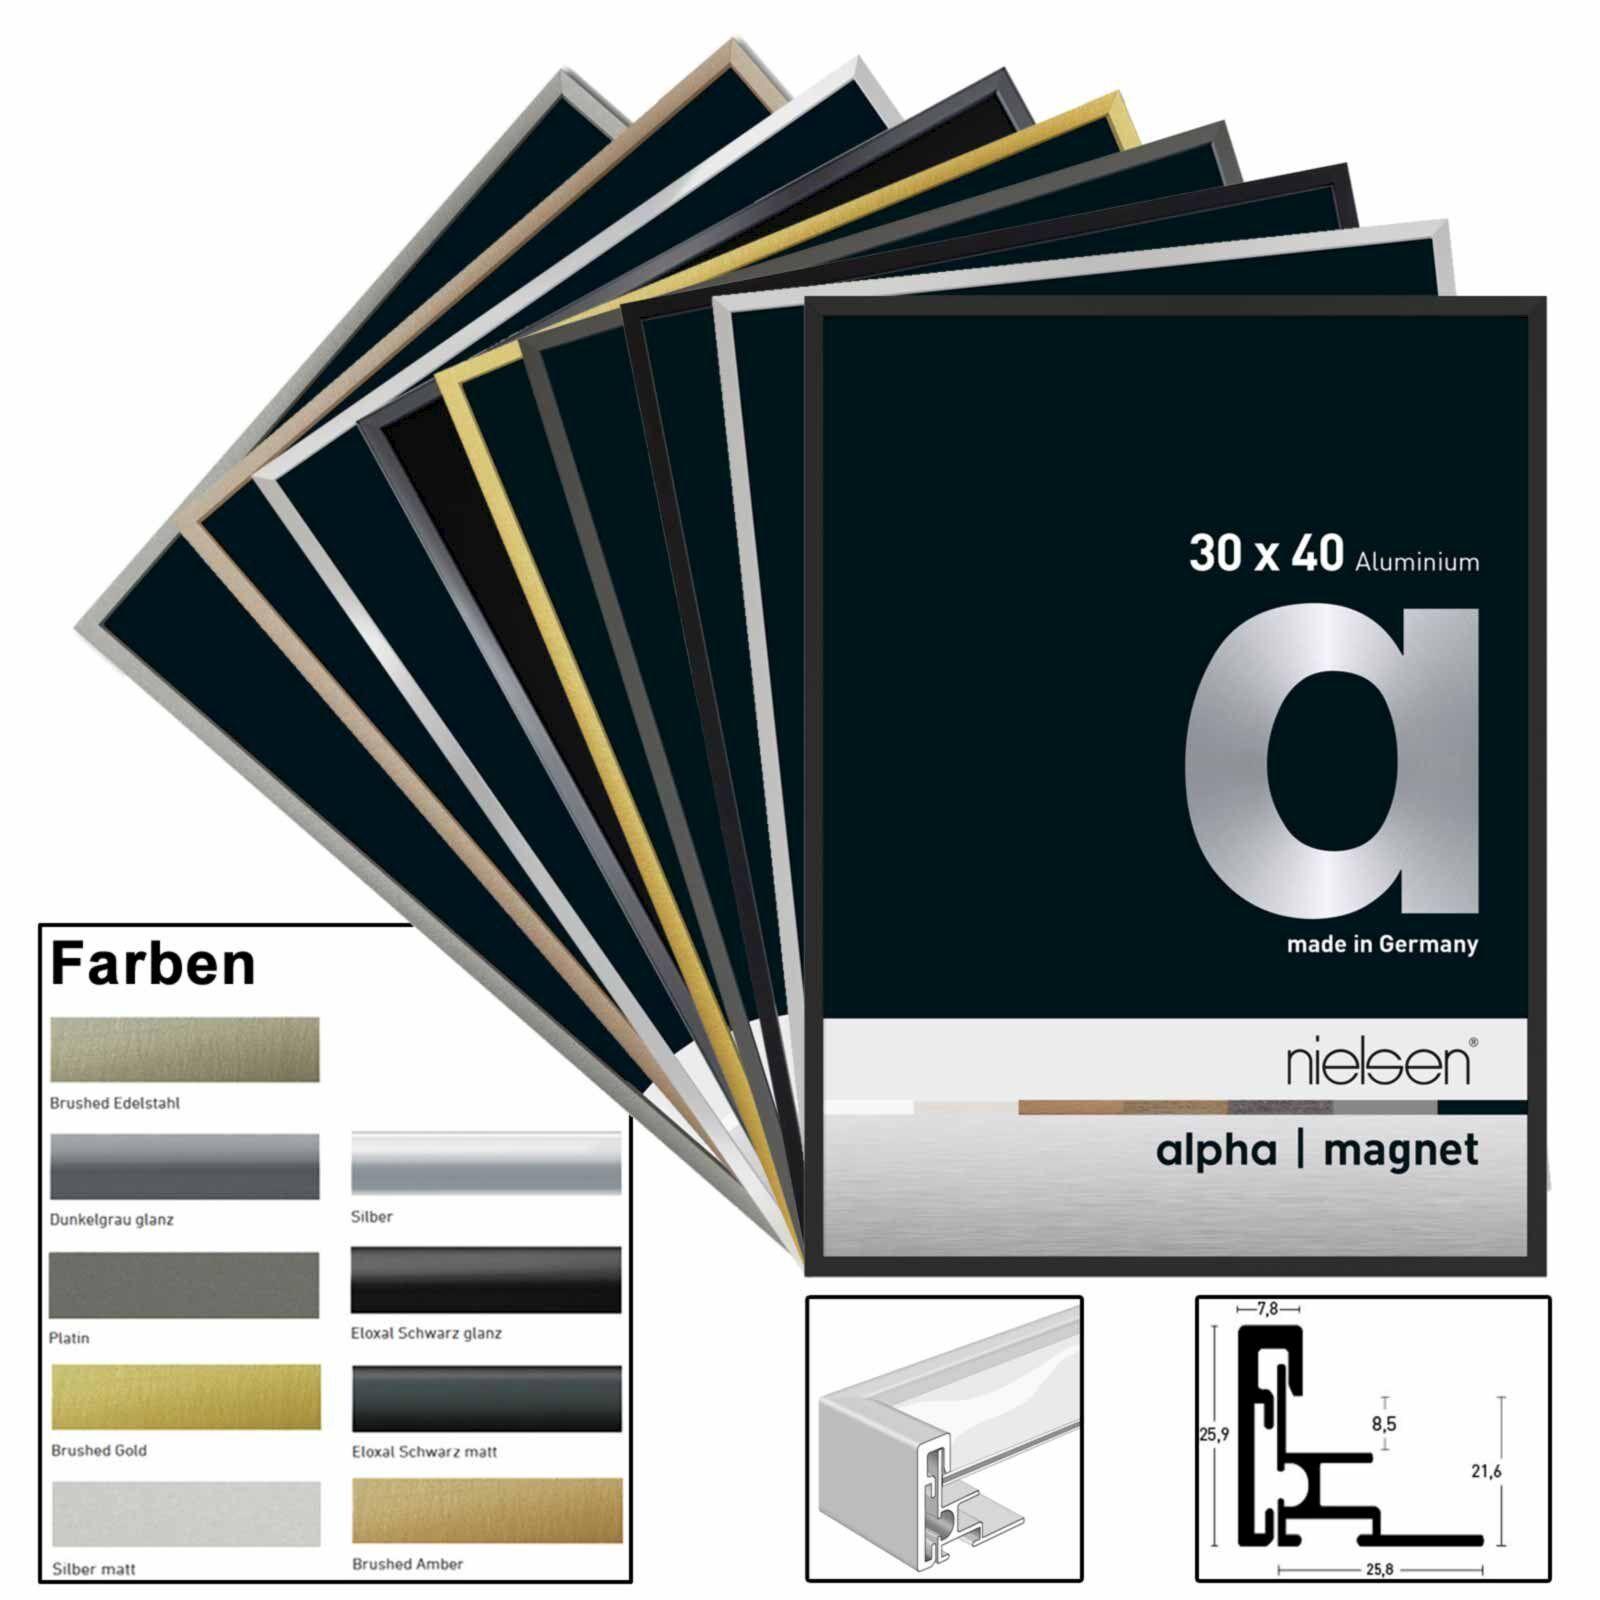 Bastidor alfa de aluminio alfa Bastidor magnético con cristal acrílico en diferentes colores y tamaños 67ef51